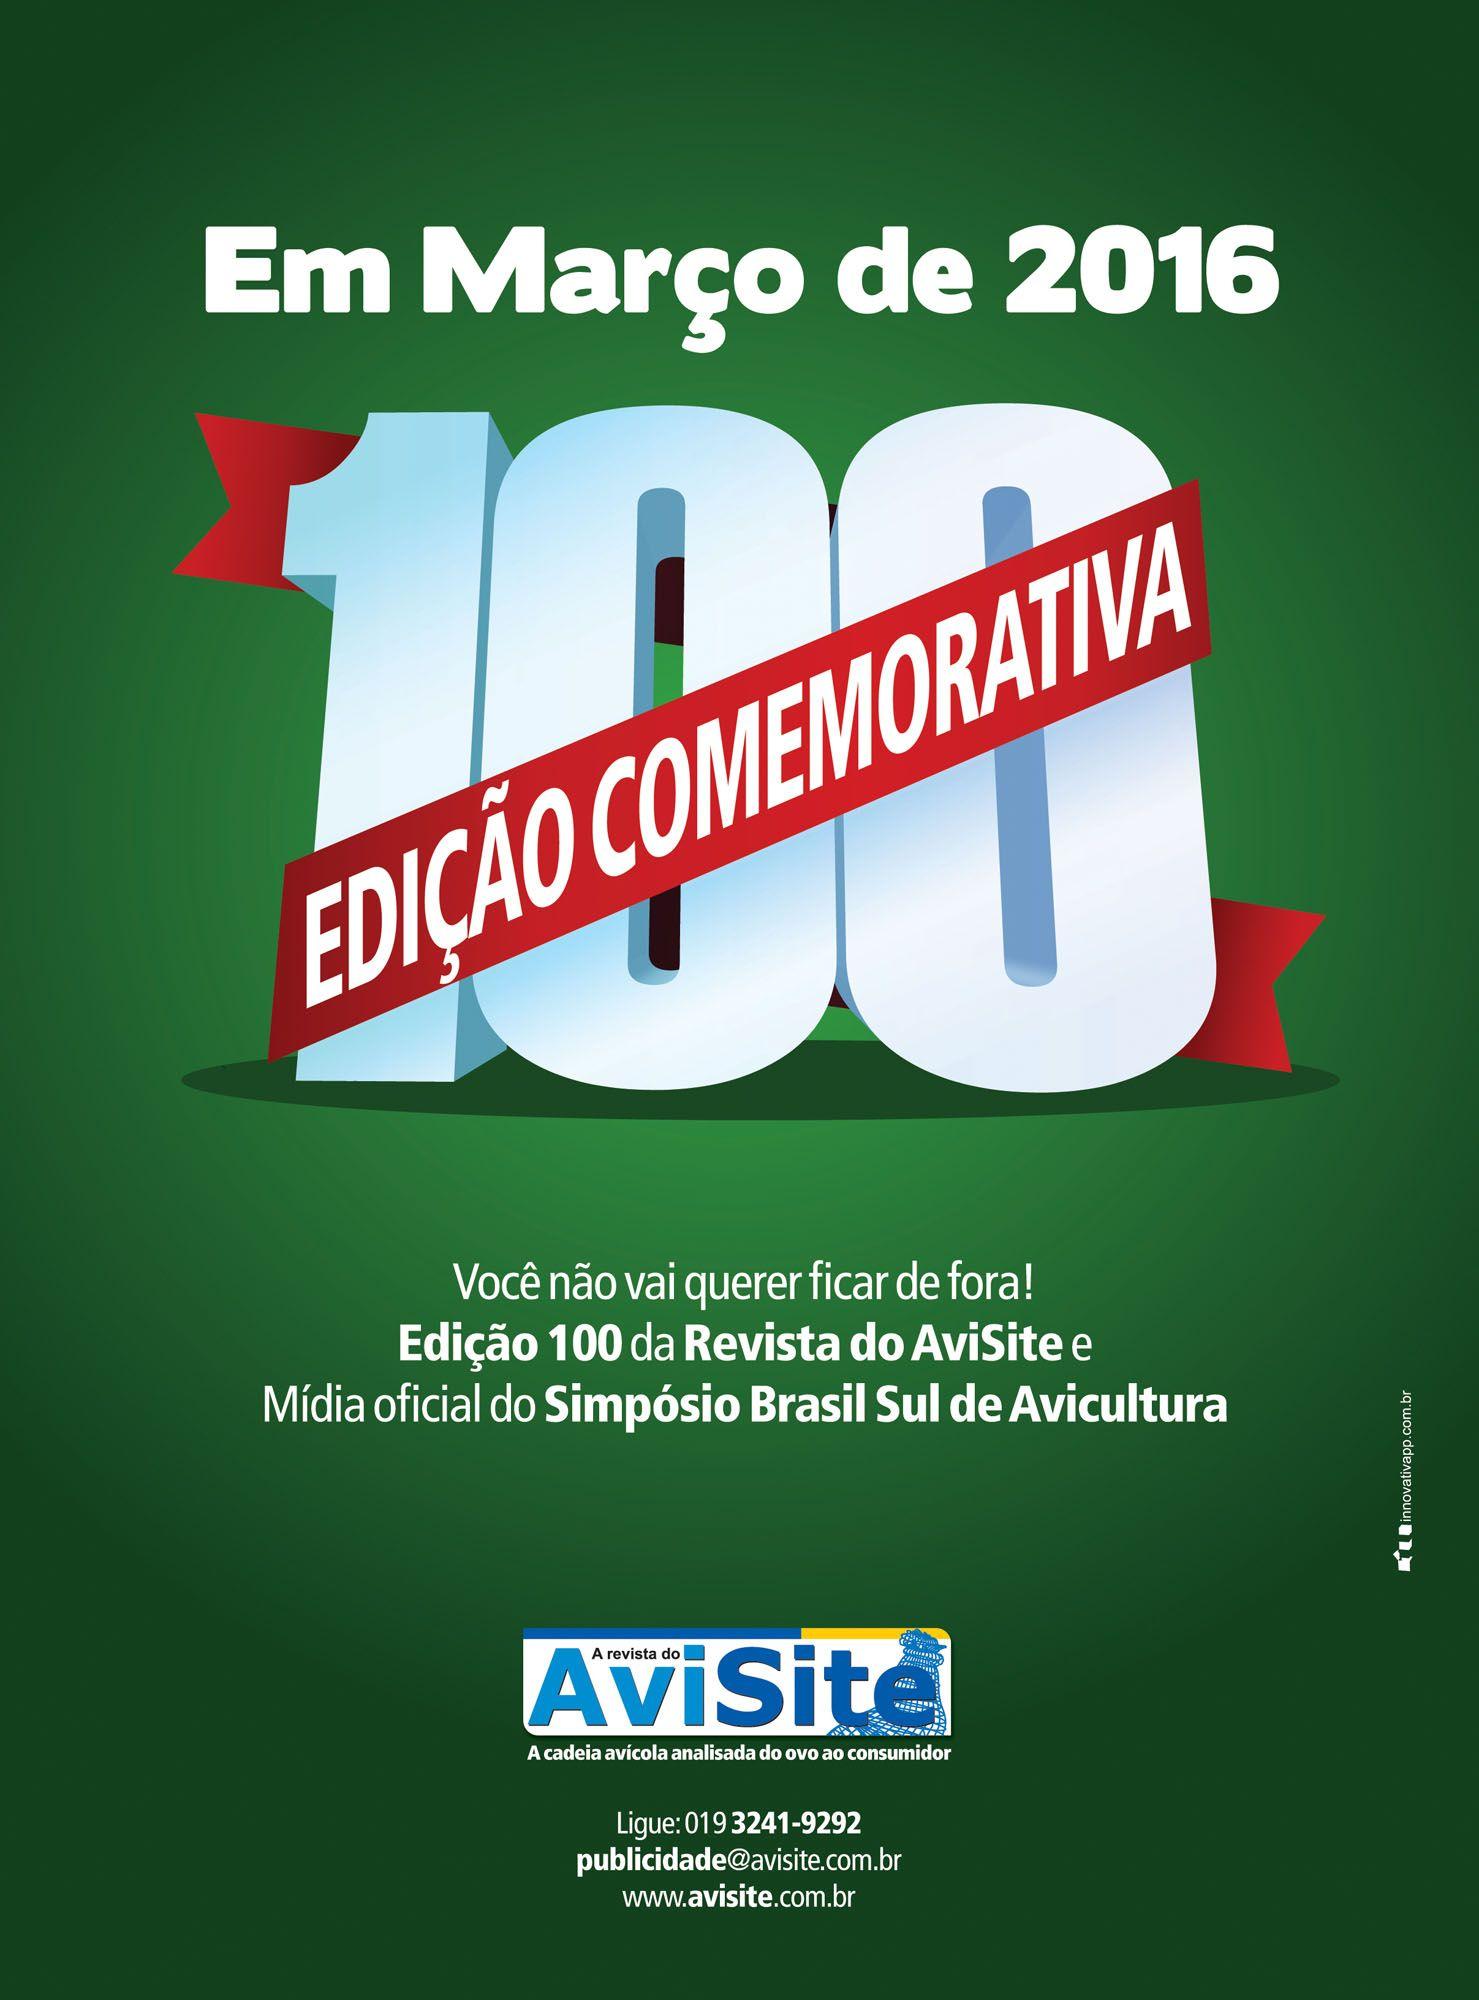 Anúncio de divulgação da edição 100 da Revista do AviSite